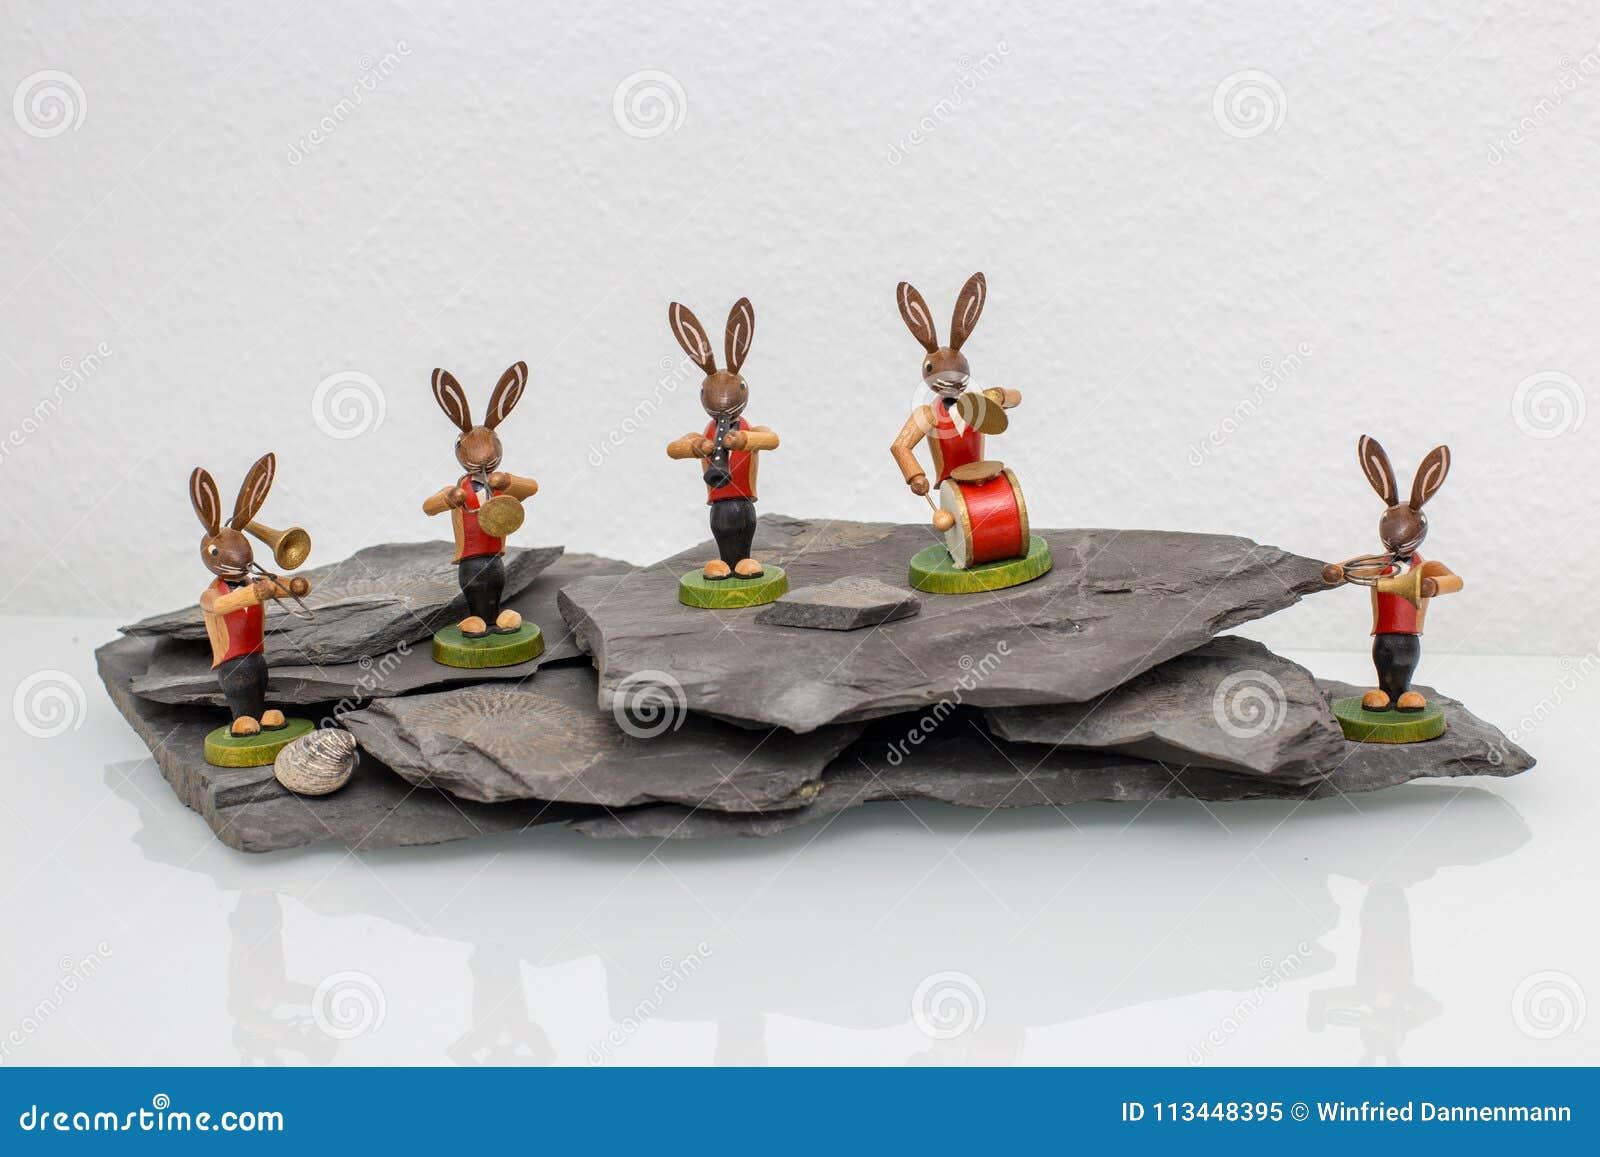 Osterhasen Spiele